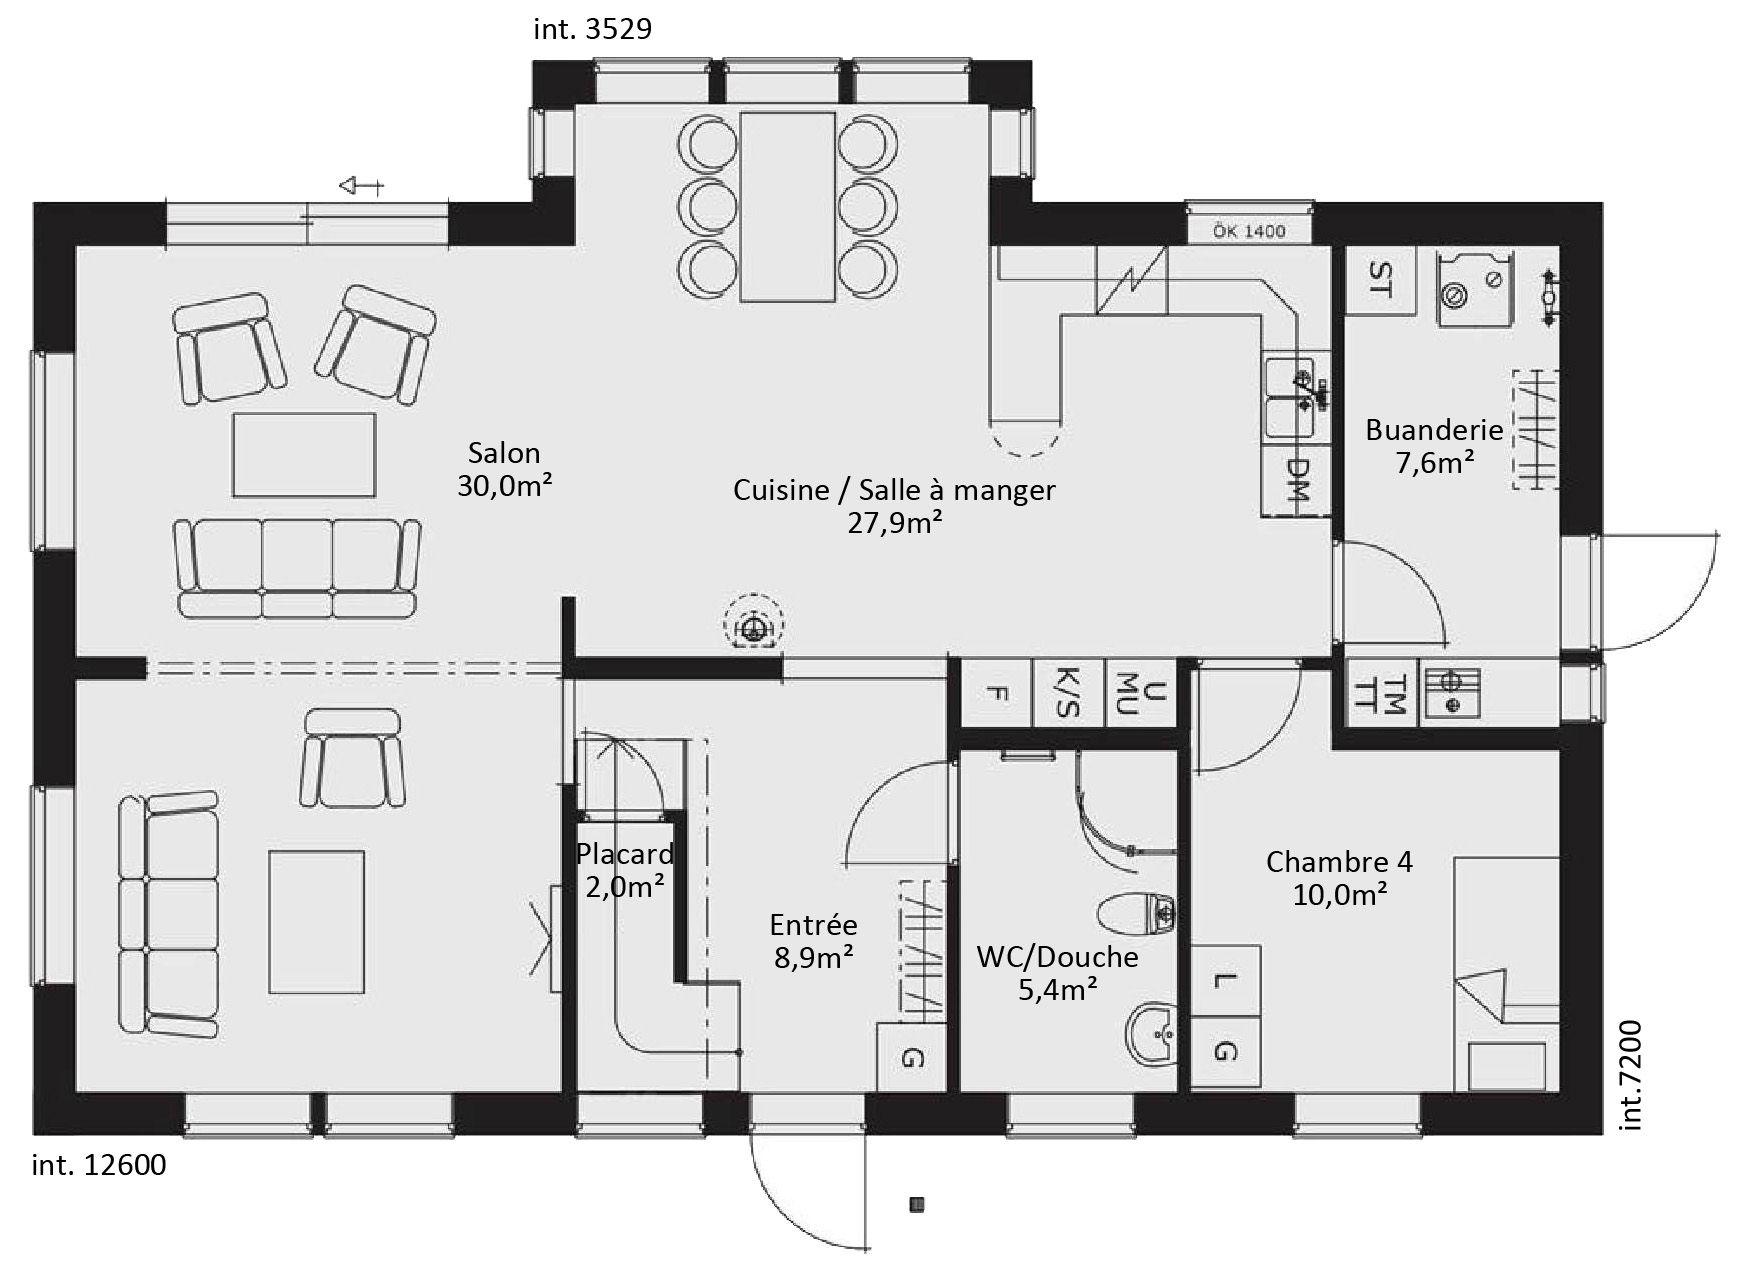 plan maison contemporaine plain pied 1000—819